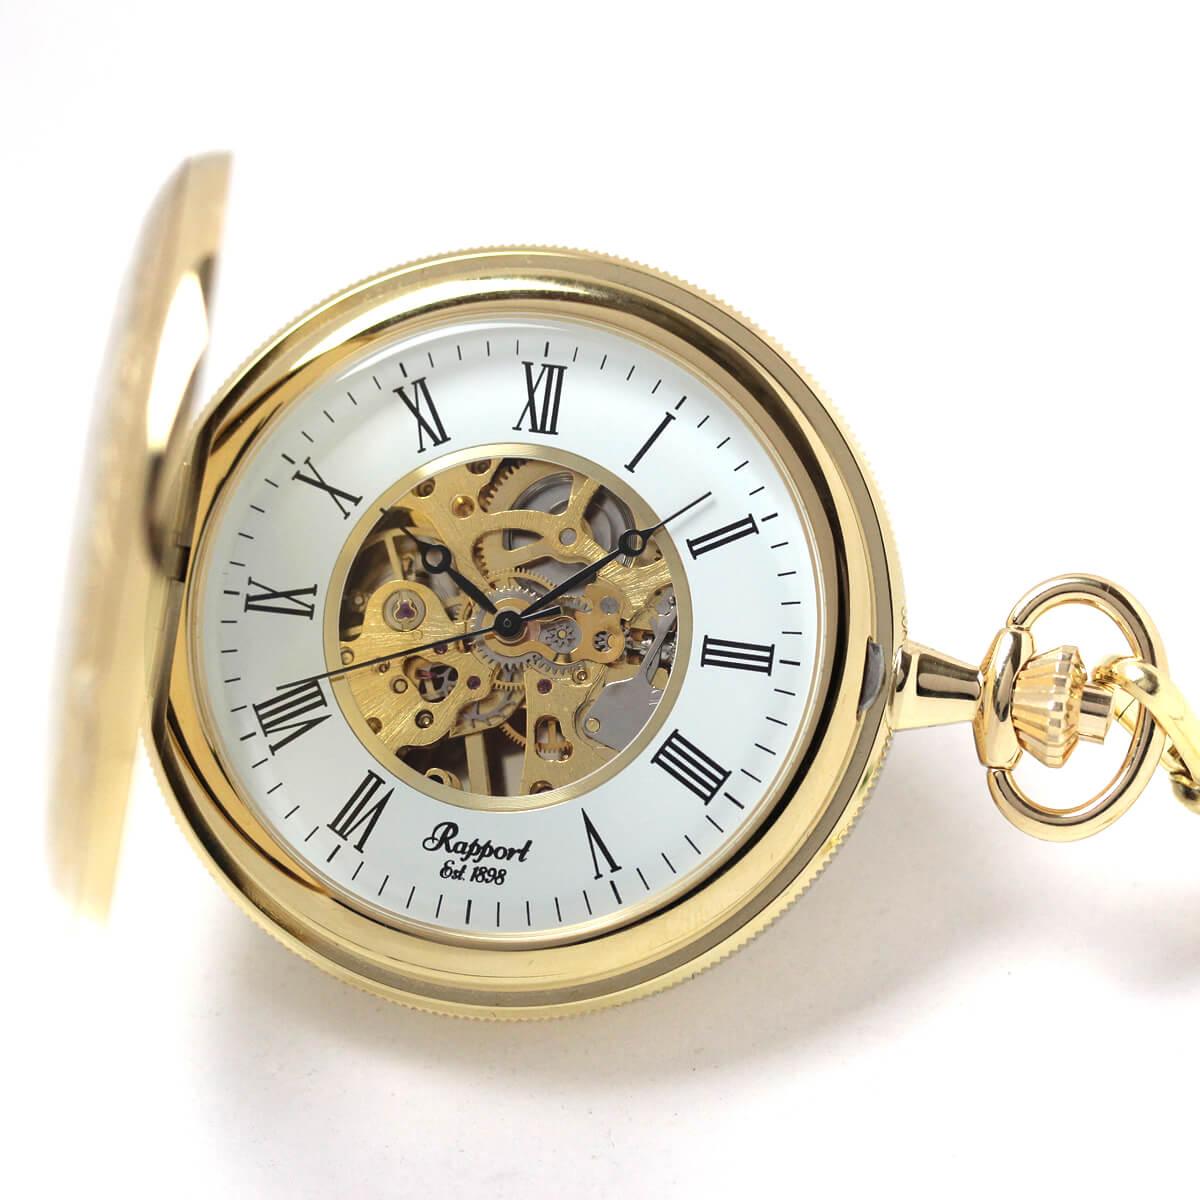 イギリスブランド rapport(ラポート) 懐中時計 pw58 ゴールドカラーの両蓋開きスケルトンモデル